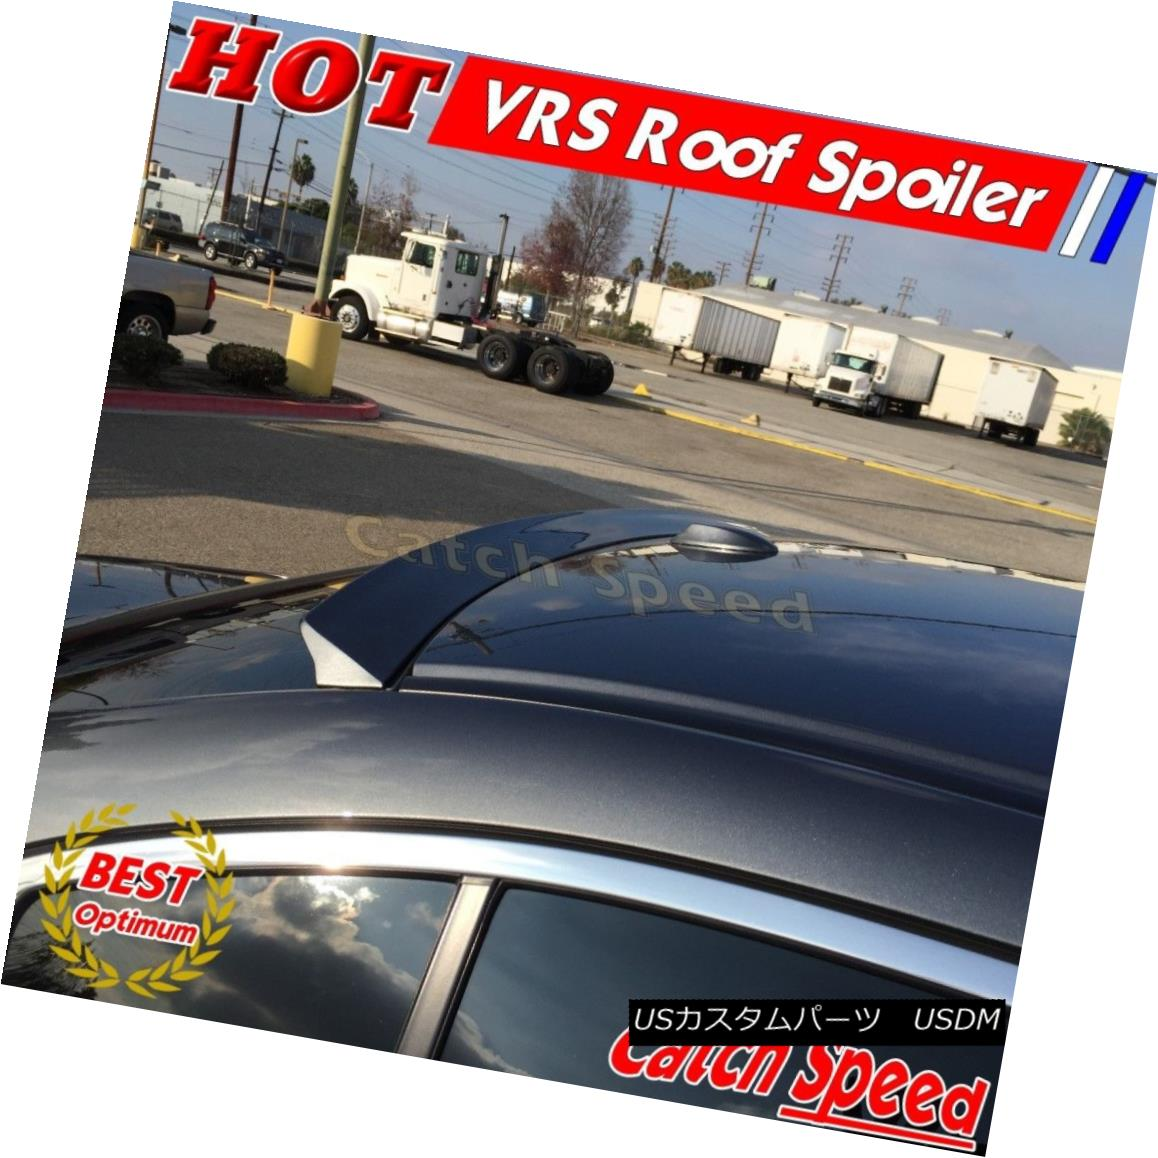 エアロパーツ Flat Black VRS Type Rear Roof Spoiler Wing For Volkswagen Beetle Coupe 1997-2010 フォルクスワーゲンビートルクーペのためのフラットブラックVSタイプのリアルーフスポイラーウィング1997-2010